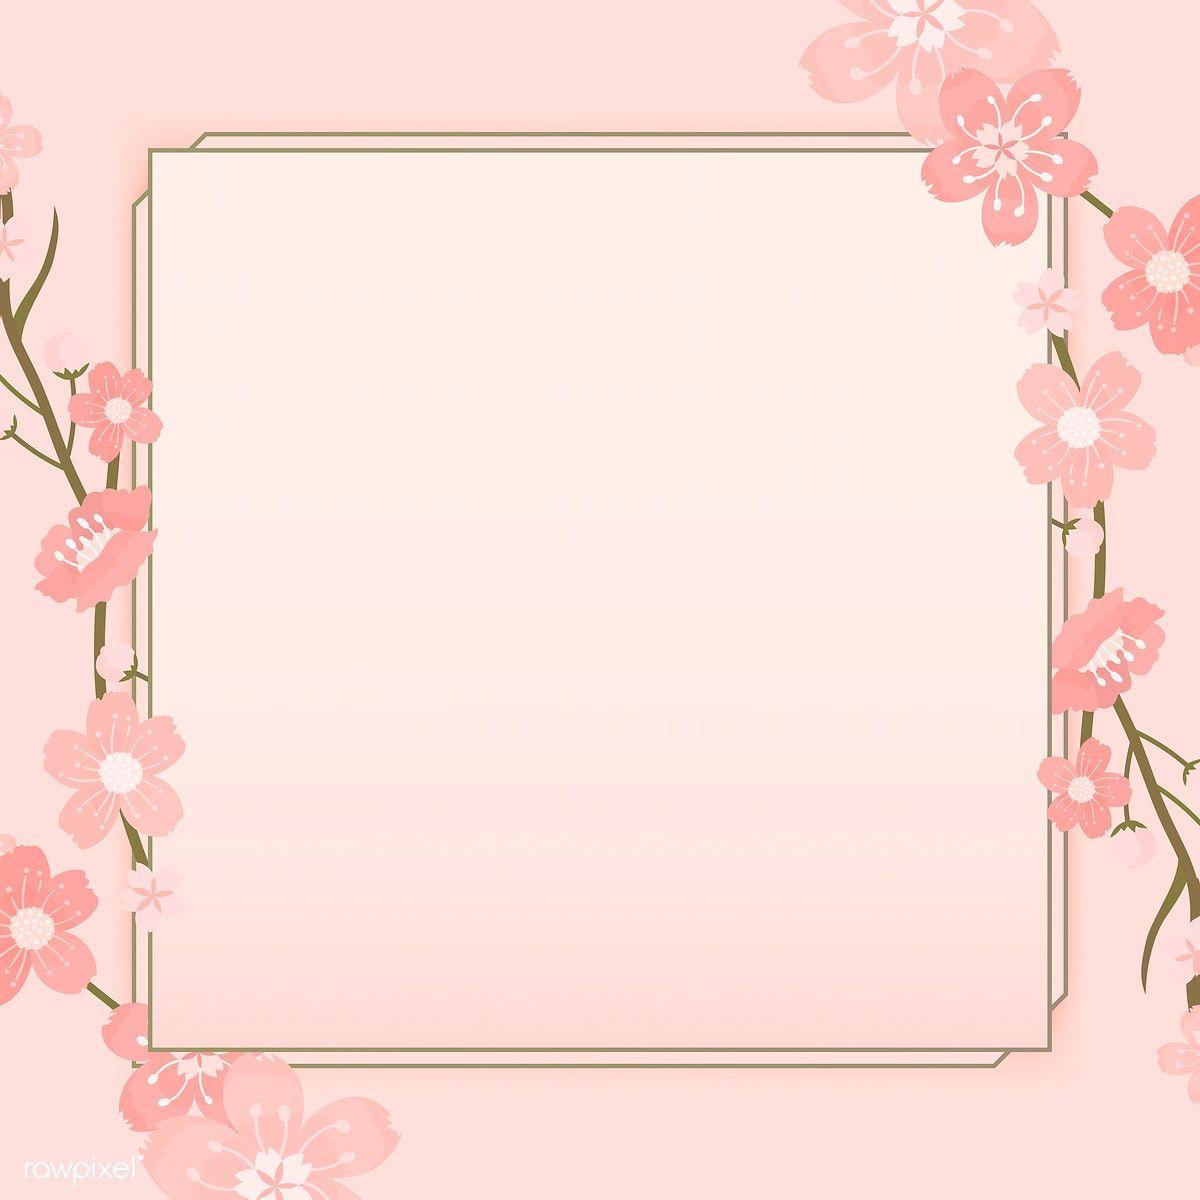 Pink Cherry Blossom Framed Vector Free Image By Rawpixel Com Manotang Planos De Fundo Papel De Parede Flores Wallpapers Bonitos